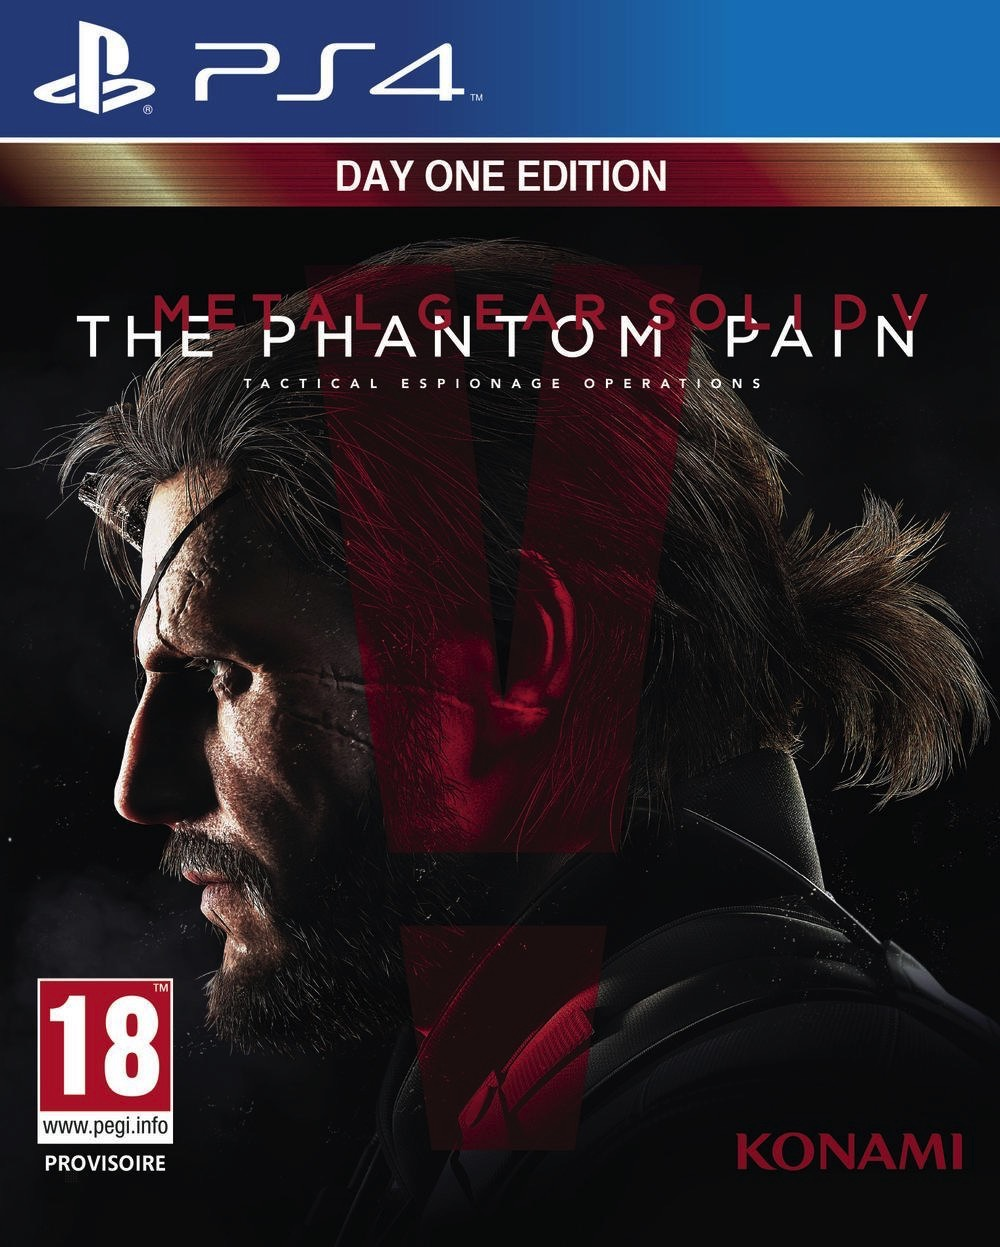 Meilleurs jeux de septembre 2015 (semaine 37)